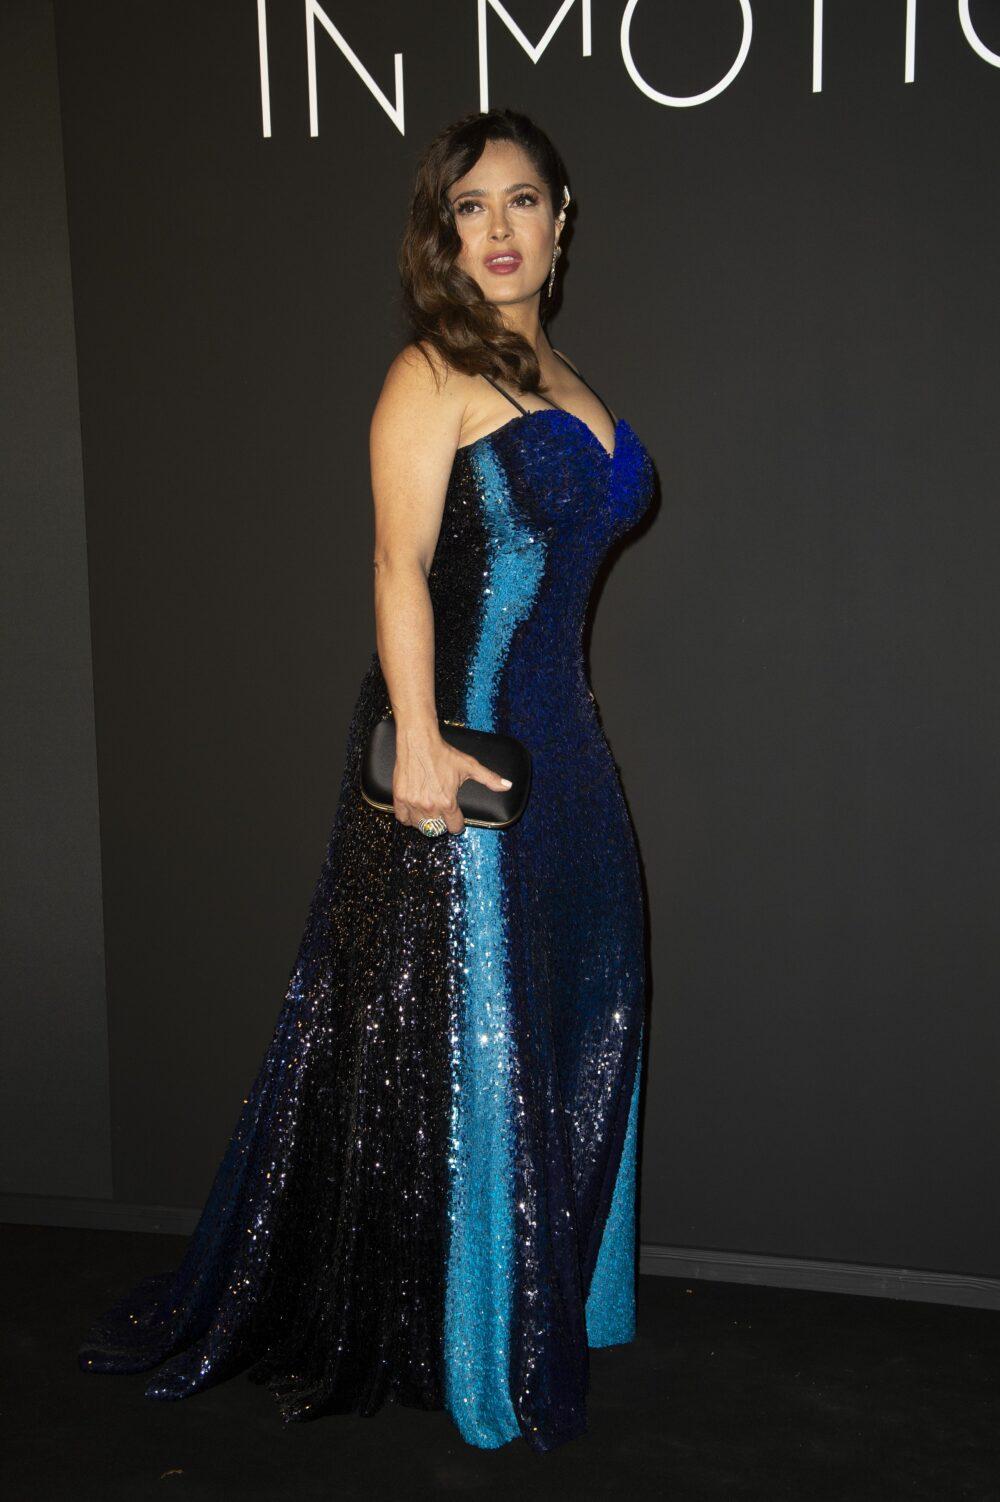 Salma Hayek attends the Kering Women In Motion Awards in Cannes